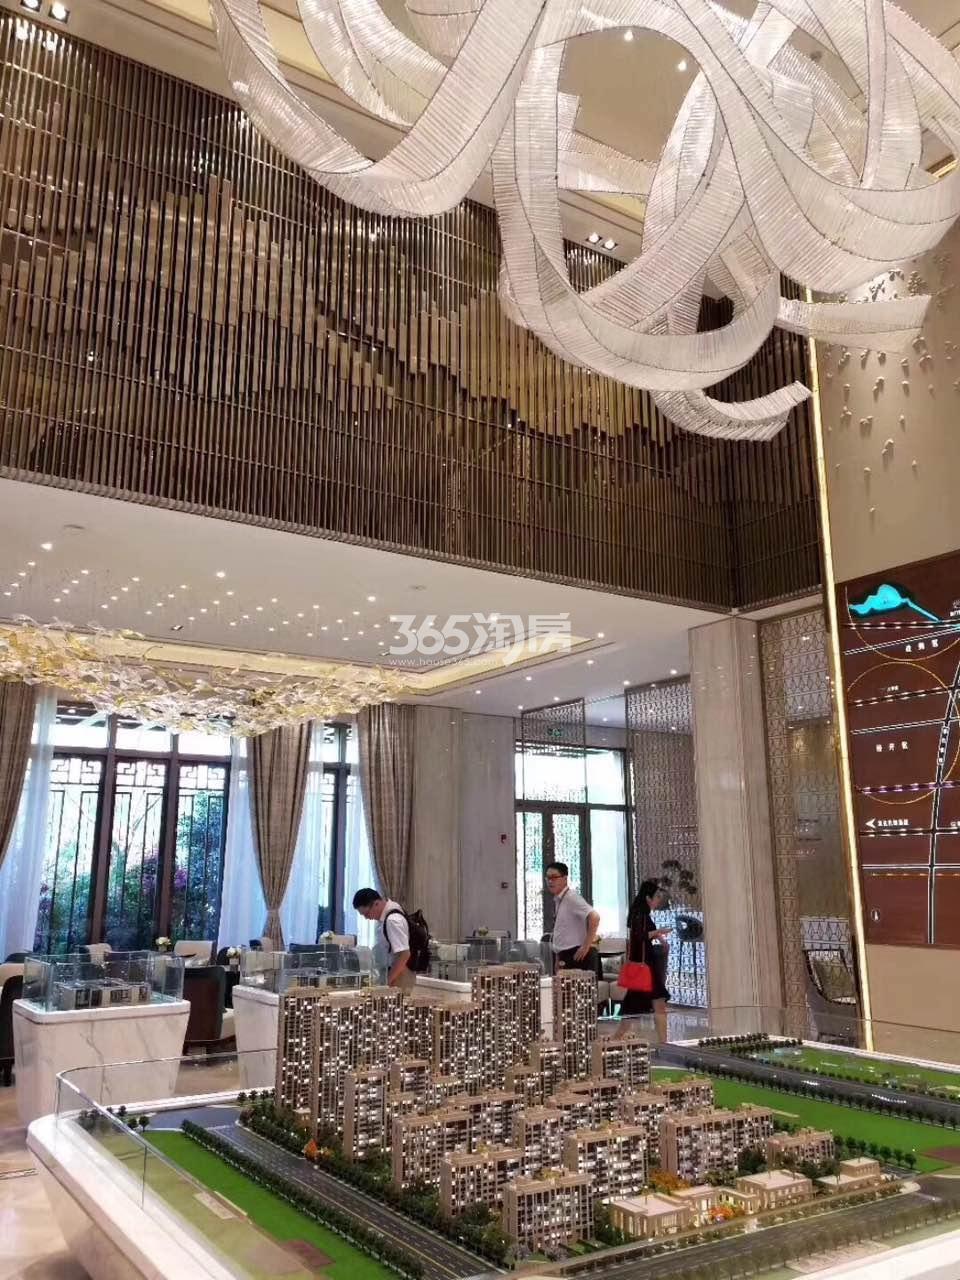 滨湖金茂悦售楼部内景实景图(2017.12.1)